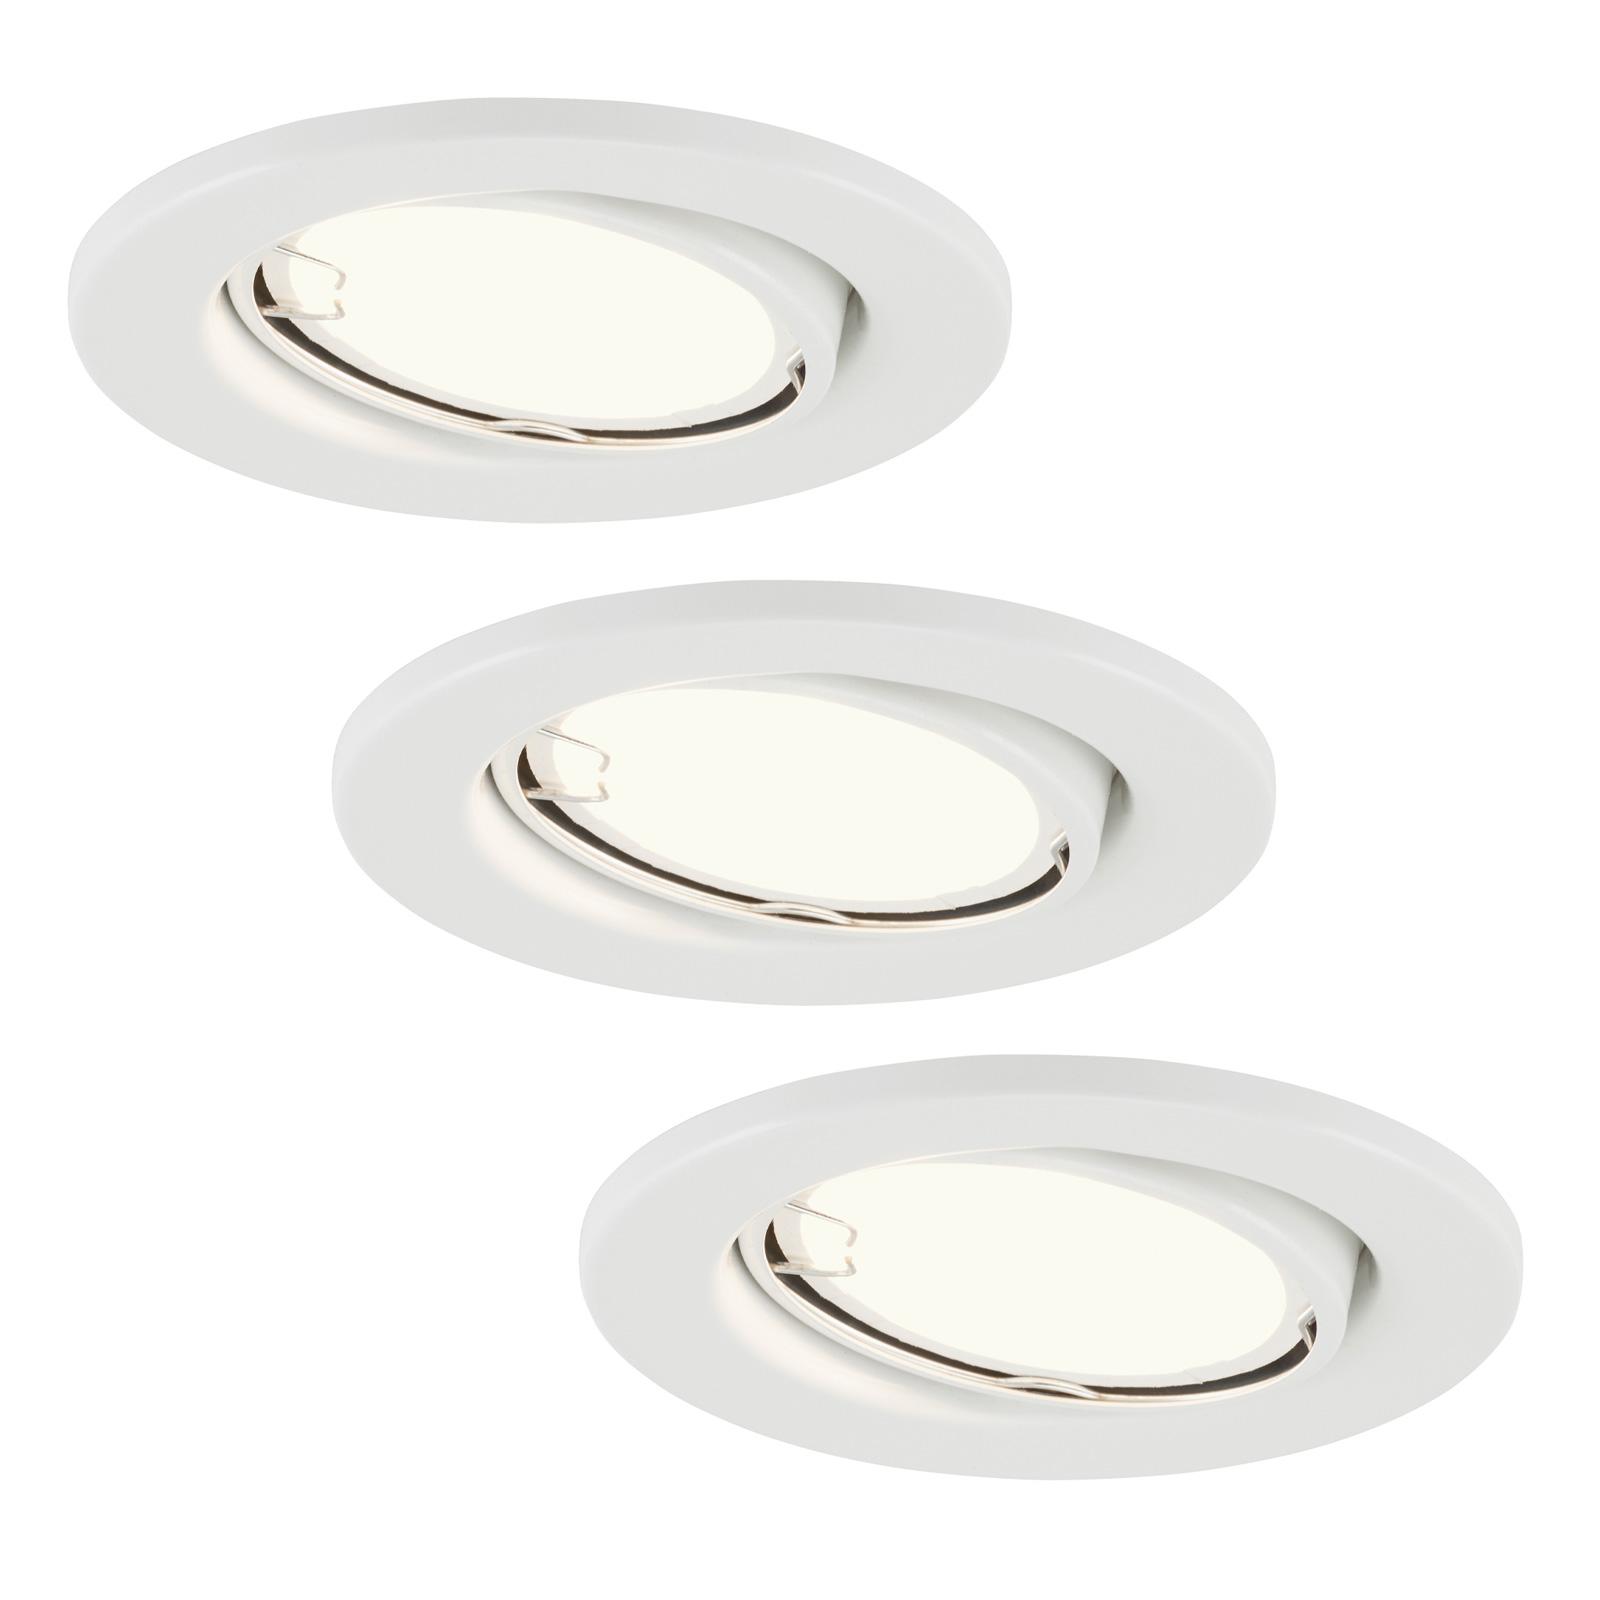 Spot LED incasso 7221-036 Fit set 3x bianco